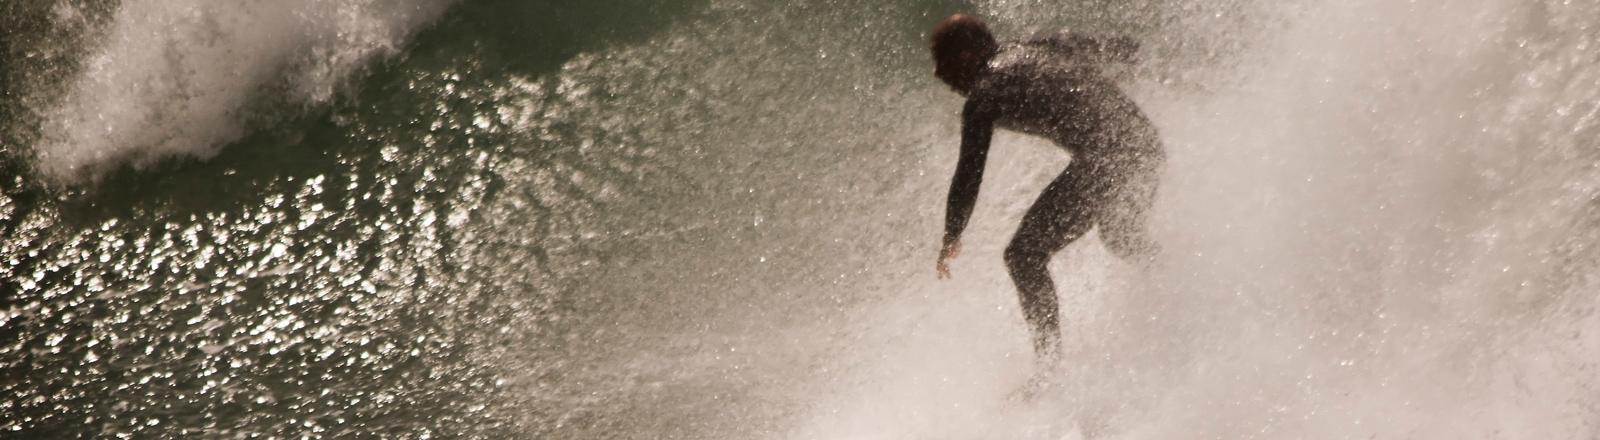 Ein Surfer reitet auf der Welle.